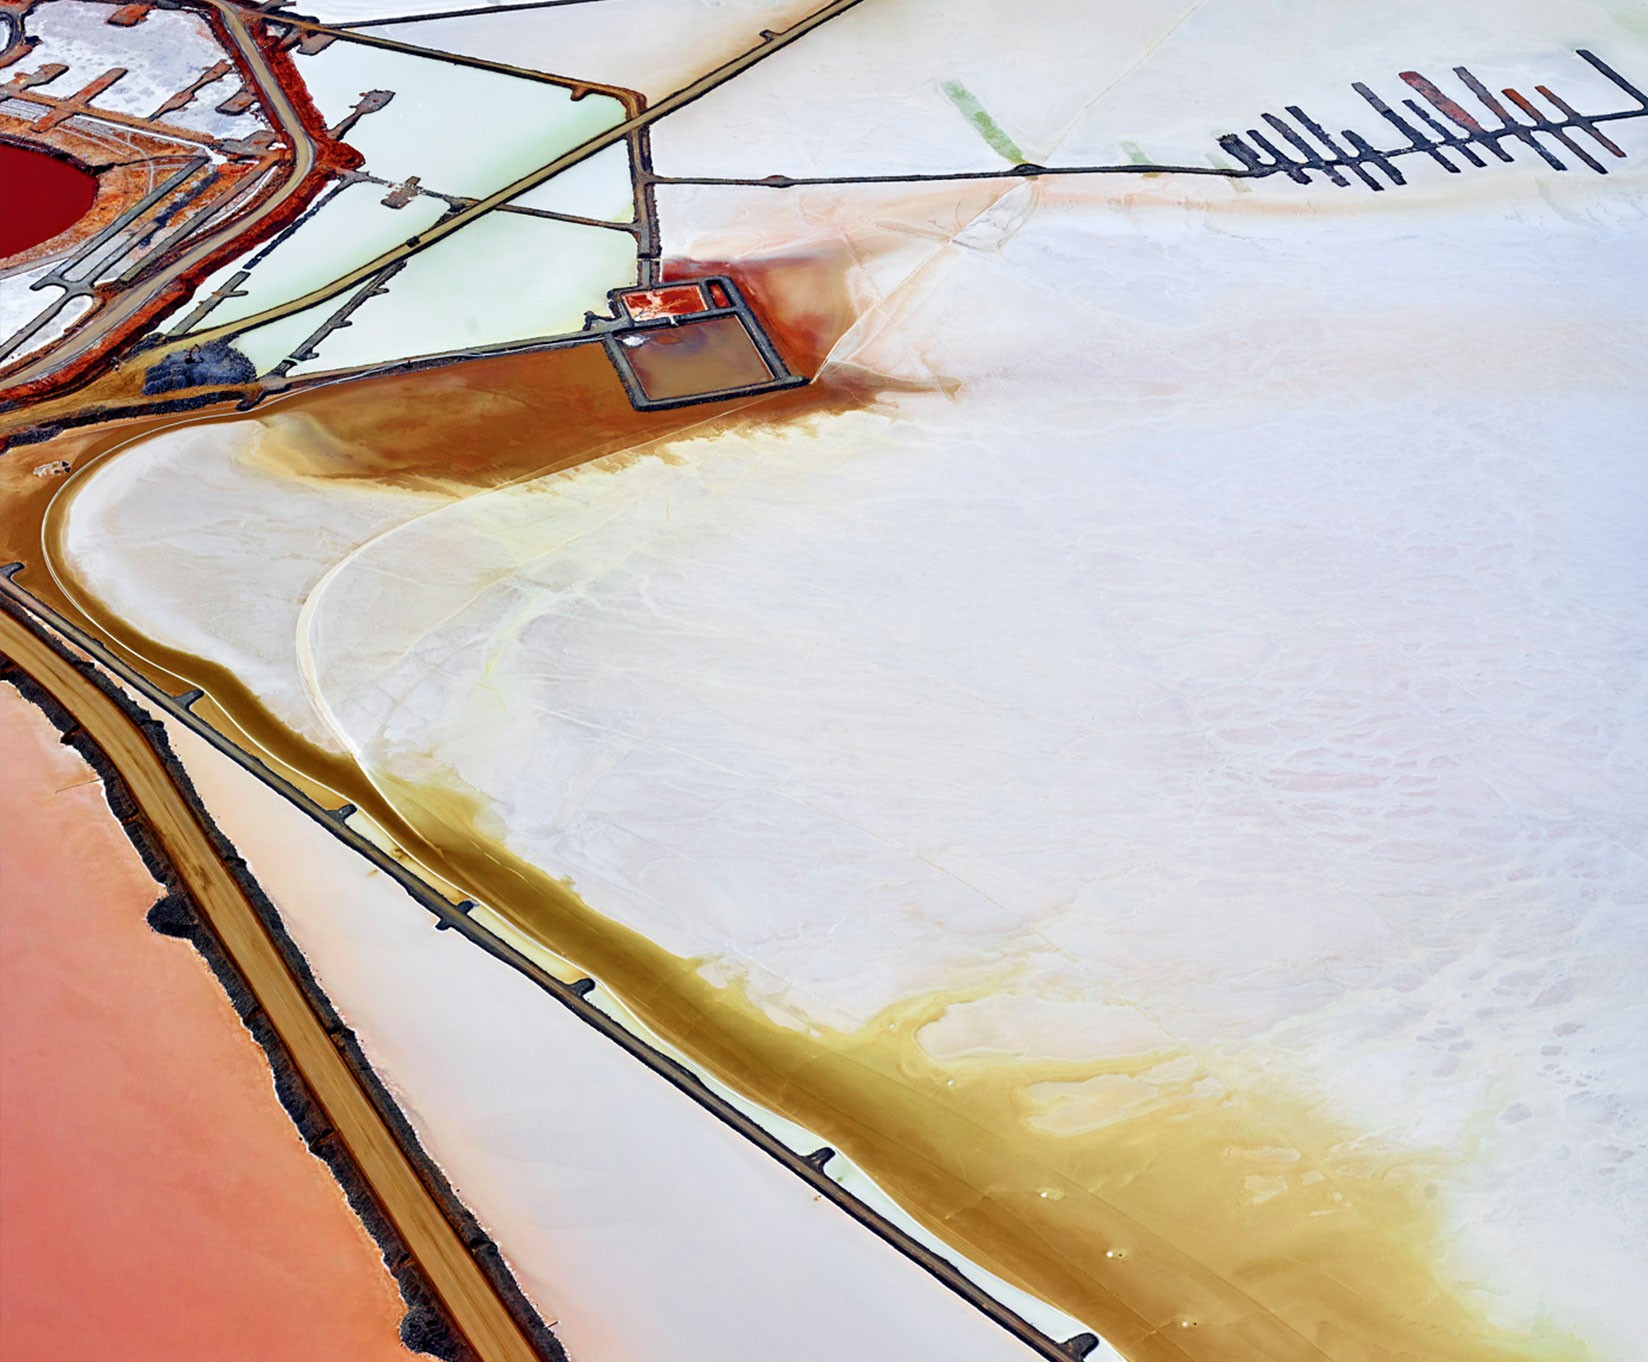 залив вода соль соляные пруды